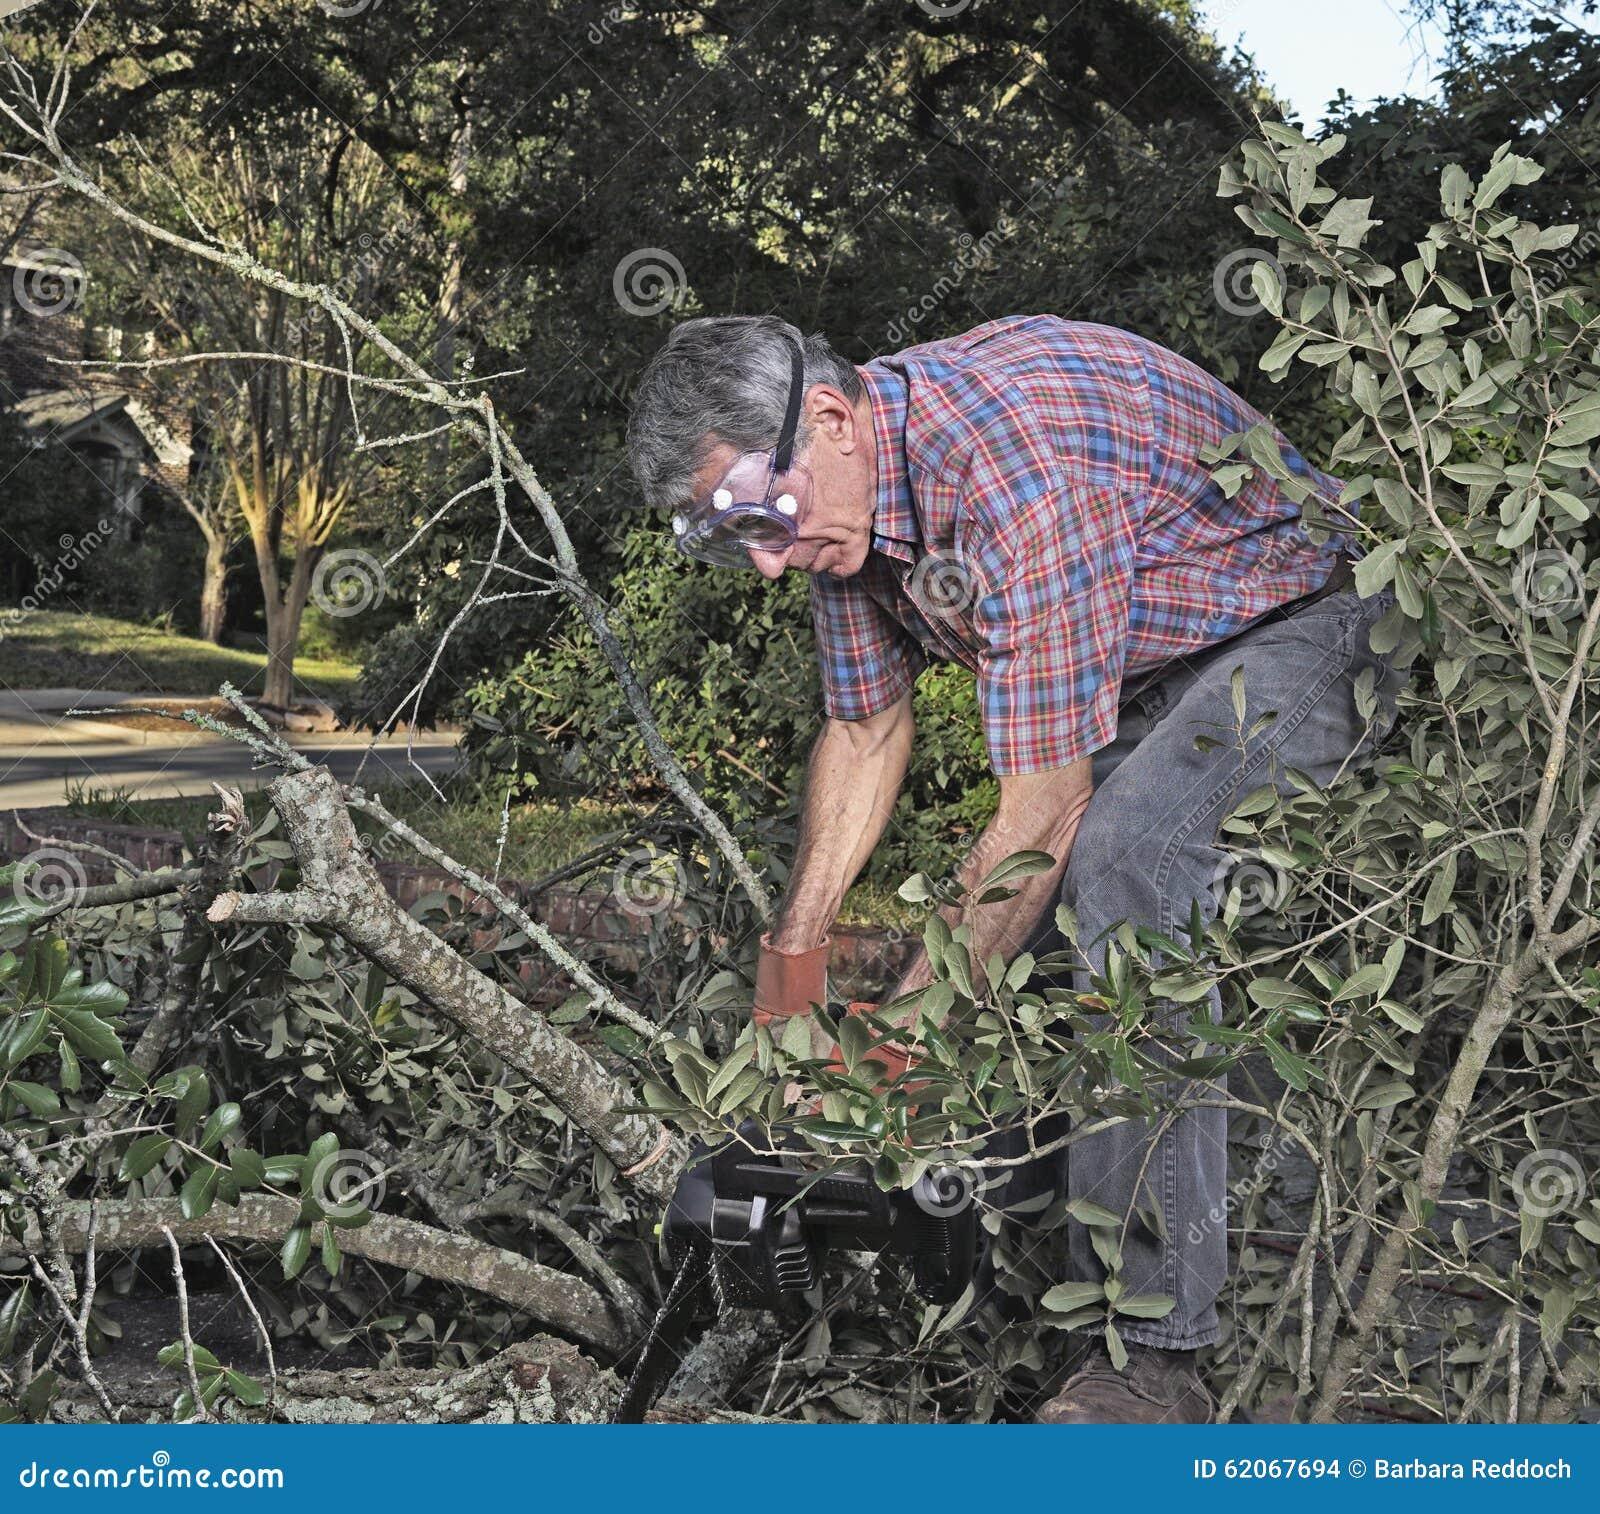 Limpando a jarda após uma tempestade